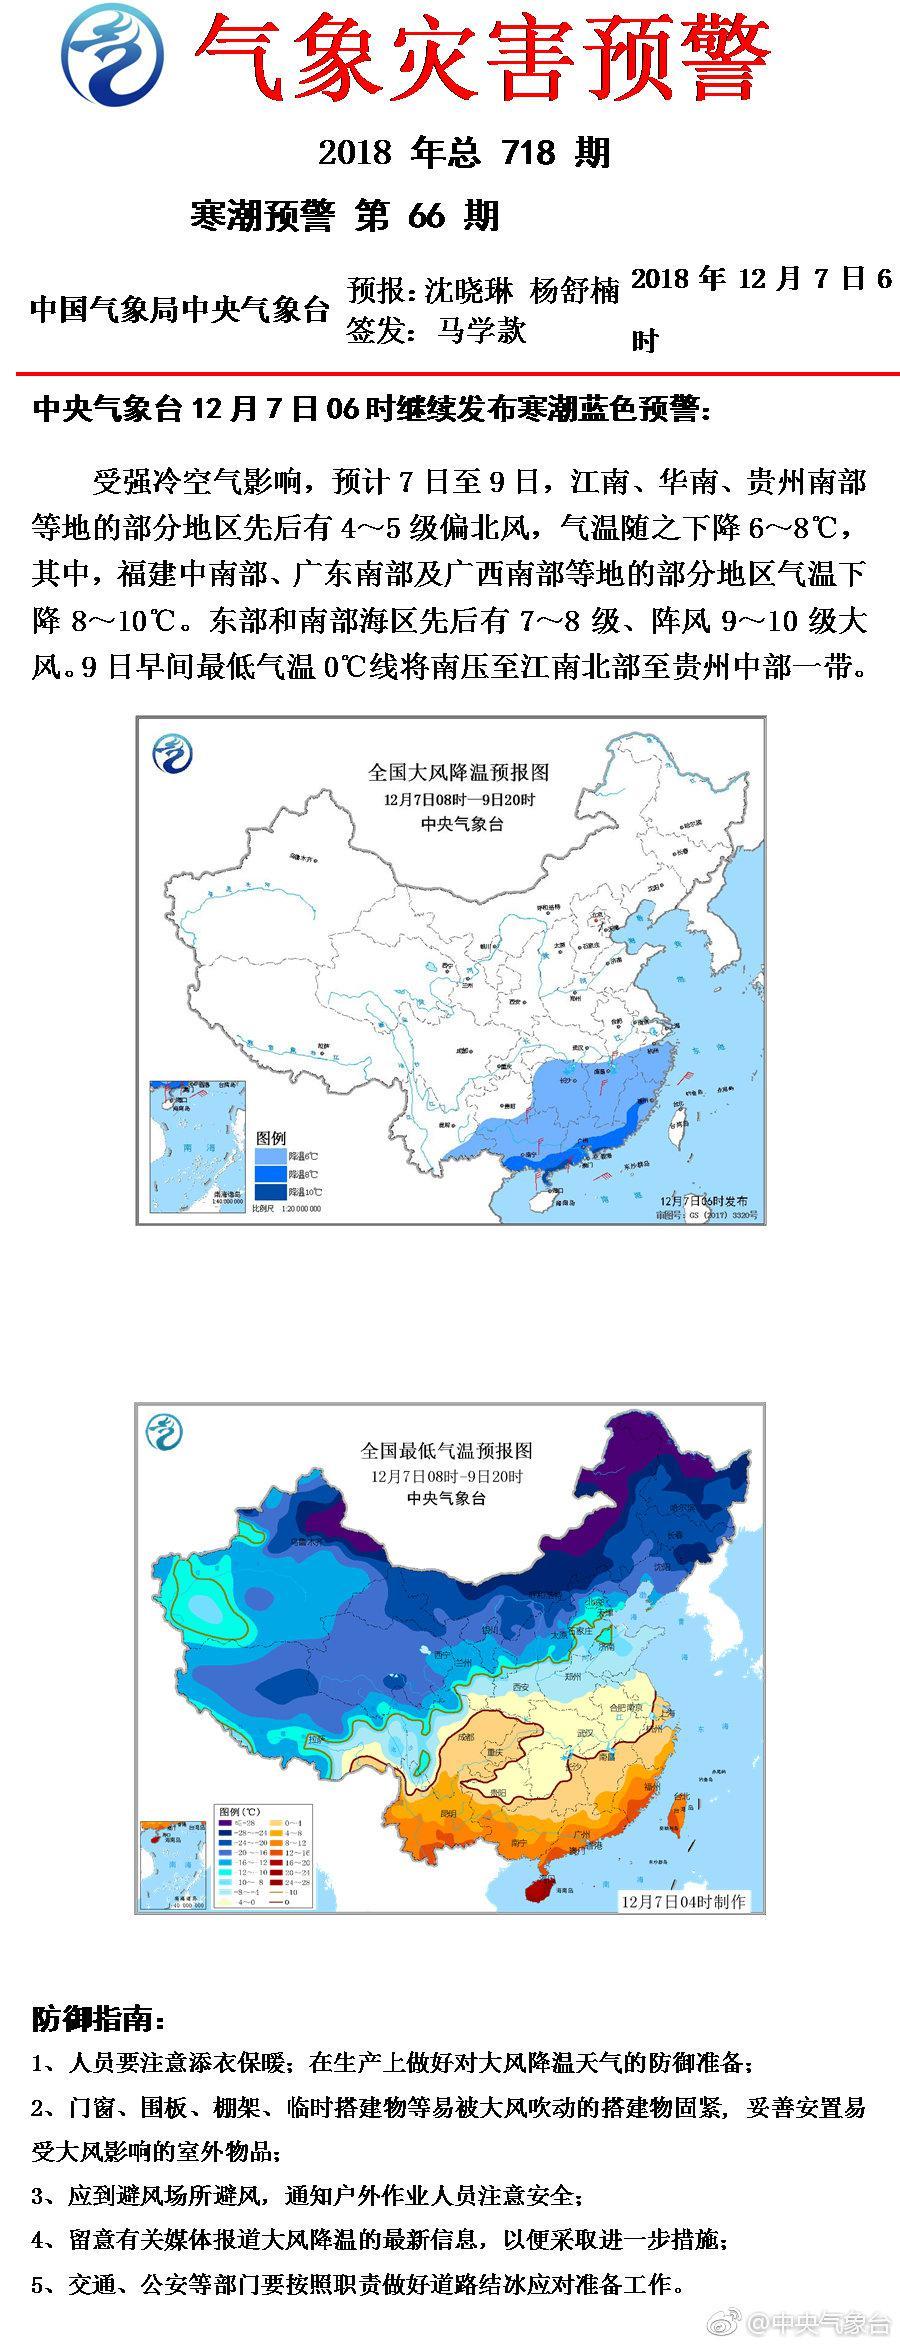 寒潮预警继续发布 广东等地气温下降8-10℃